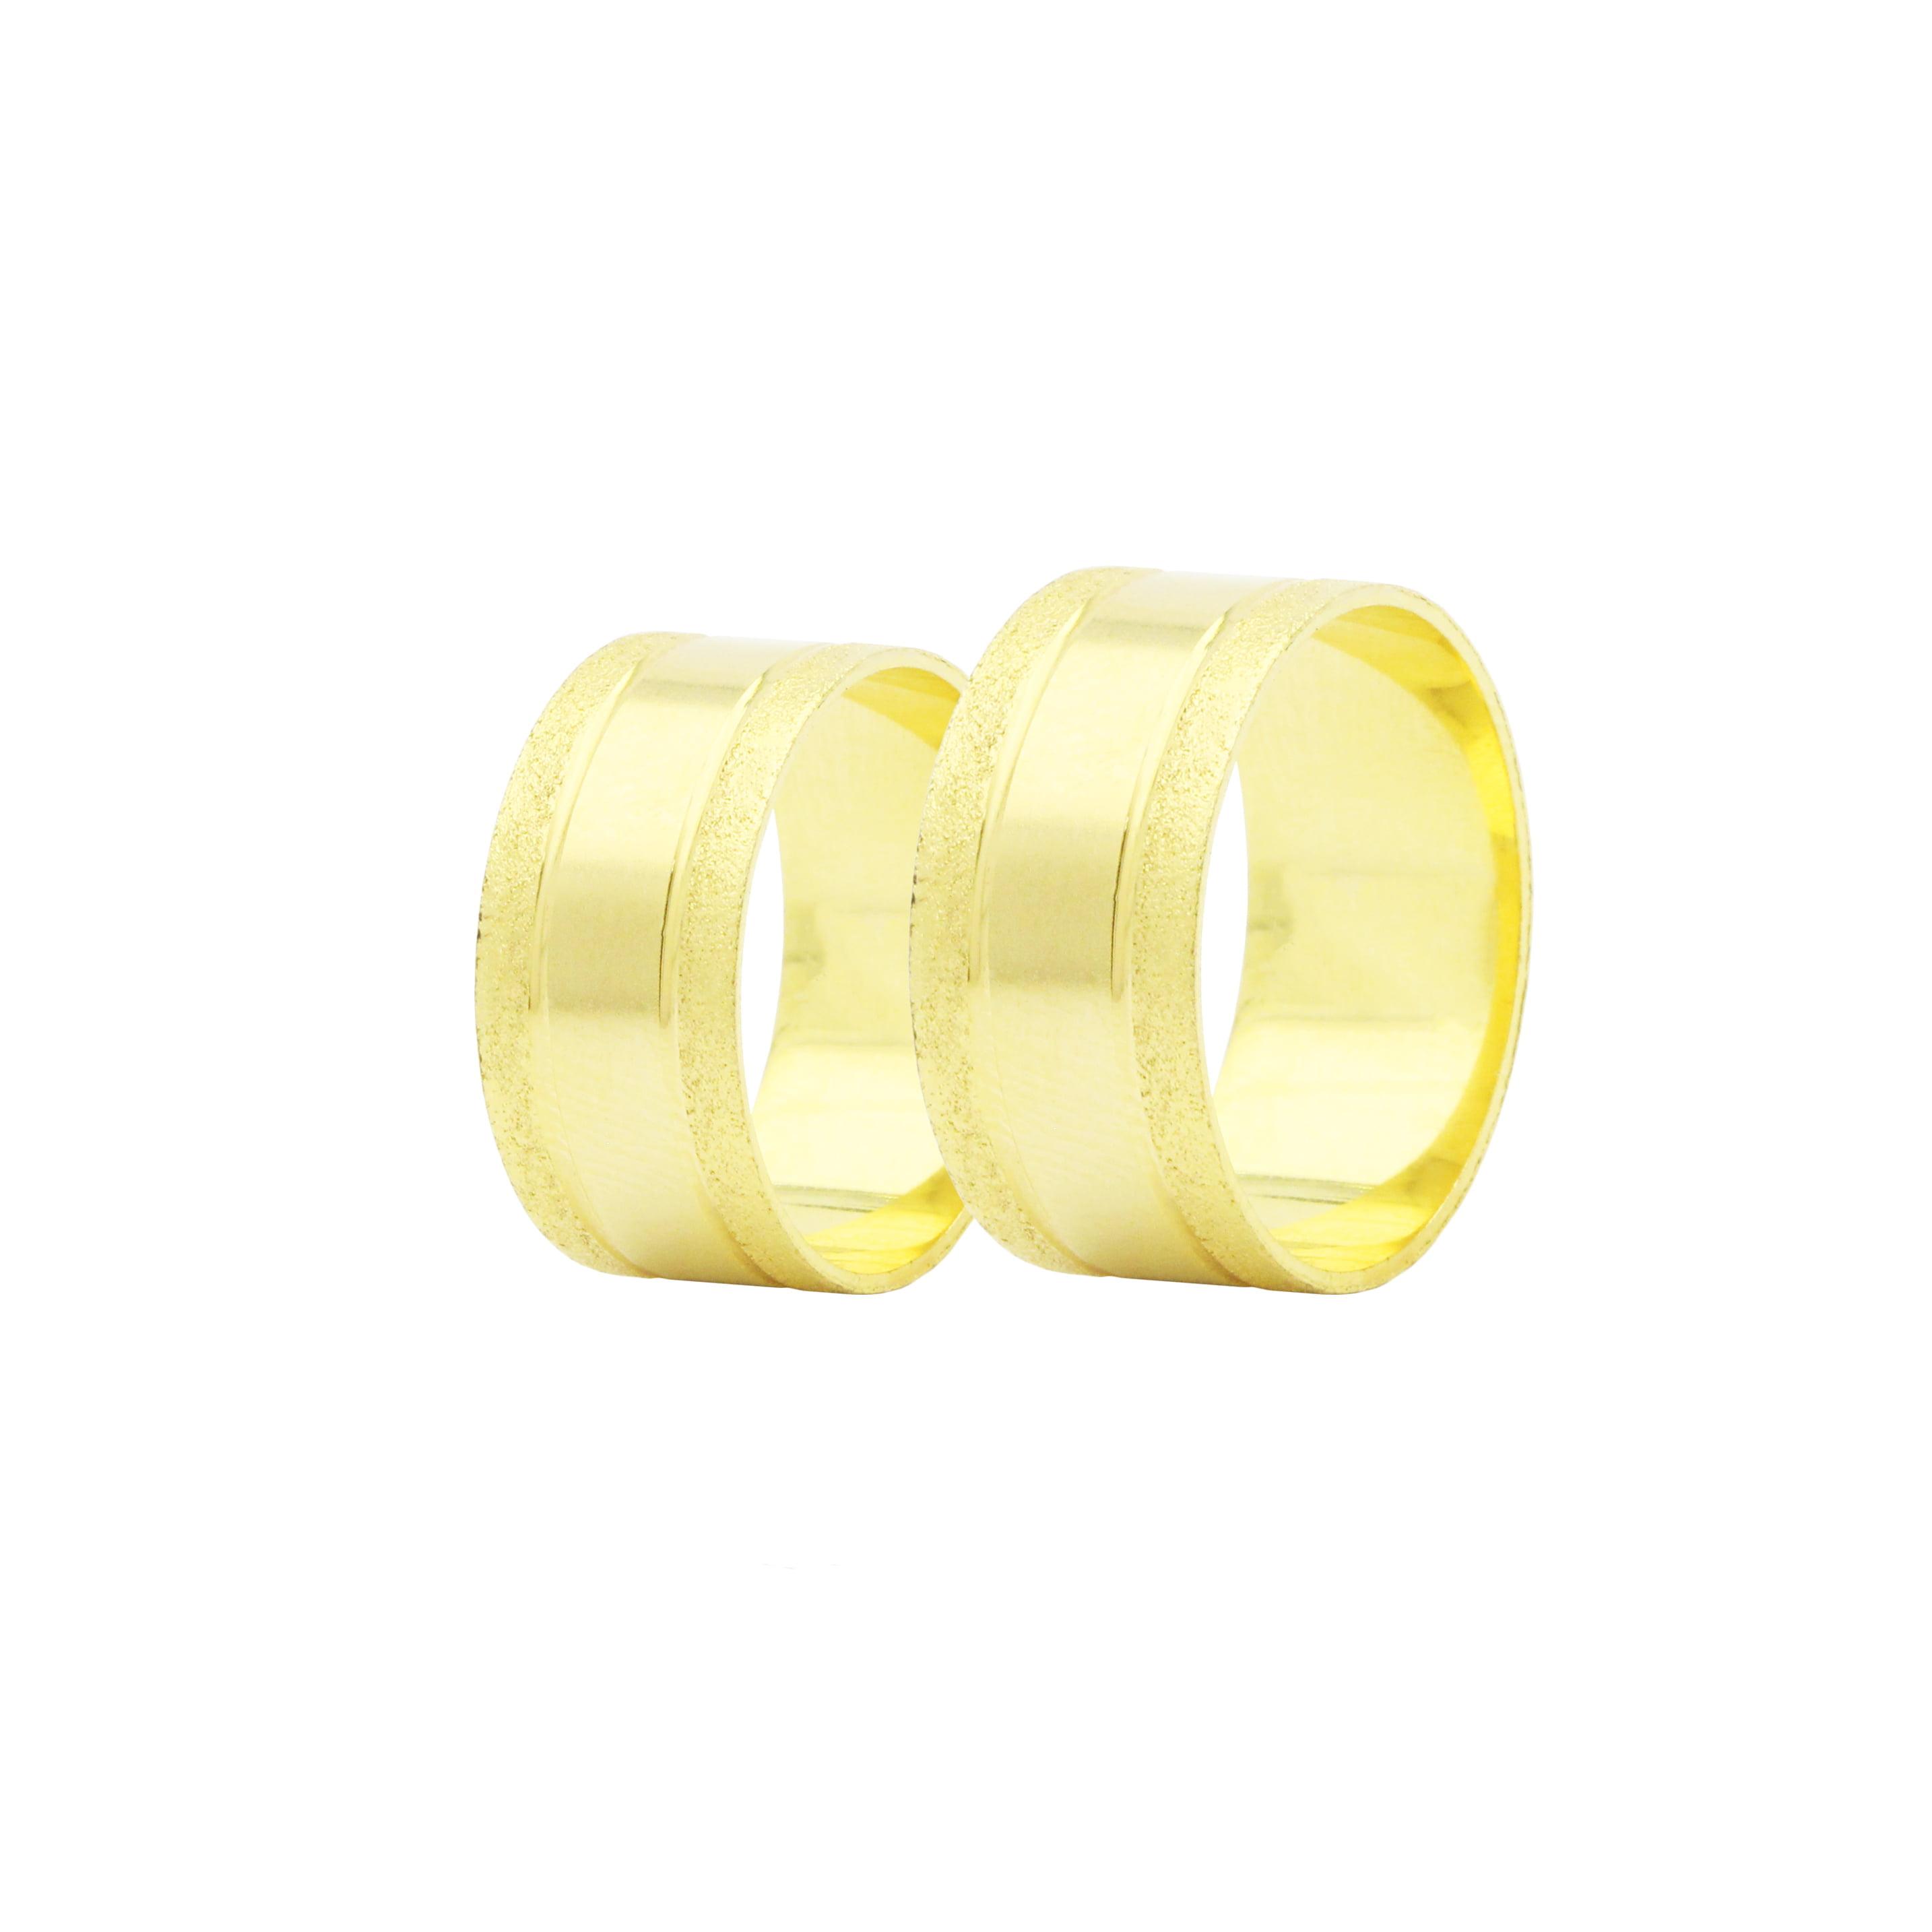 Par de Alianças em Ouro 18k 18 gramas 10mm de largura – Quadrada Trabalhada